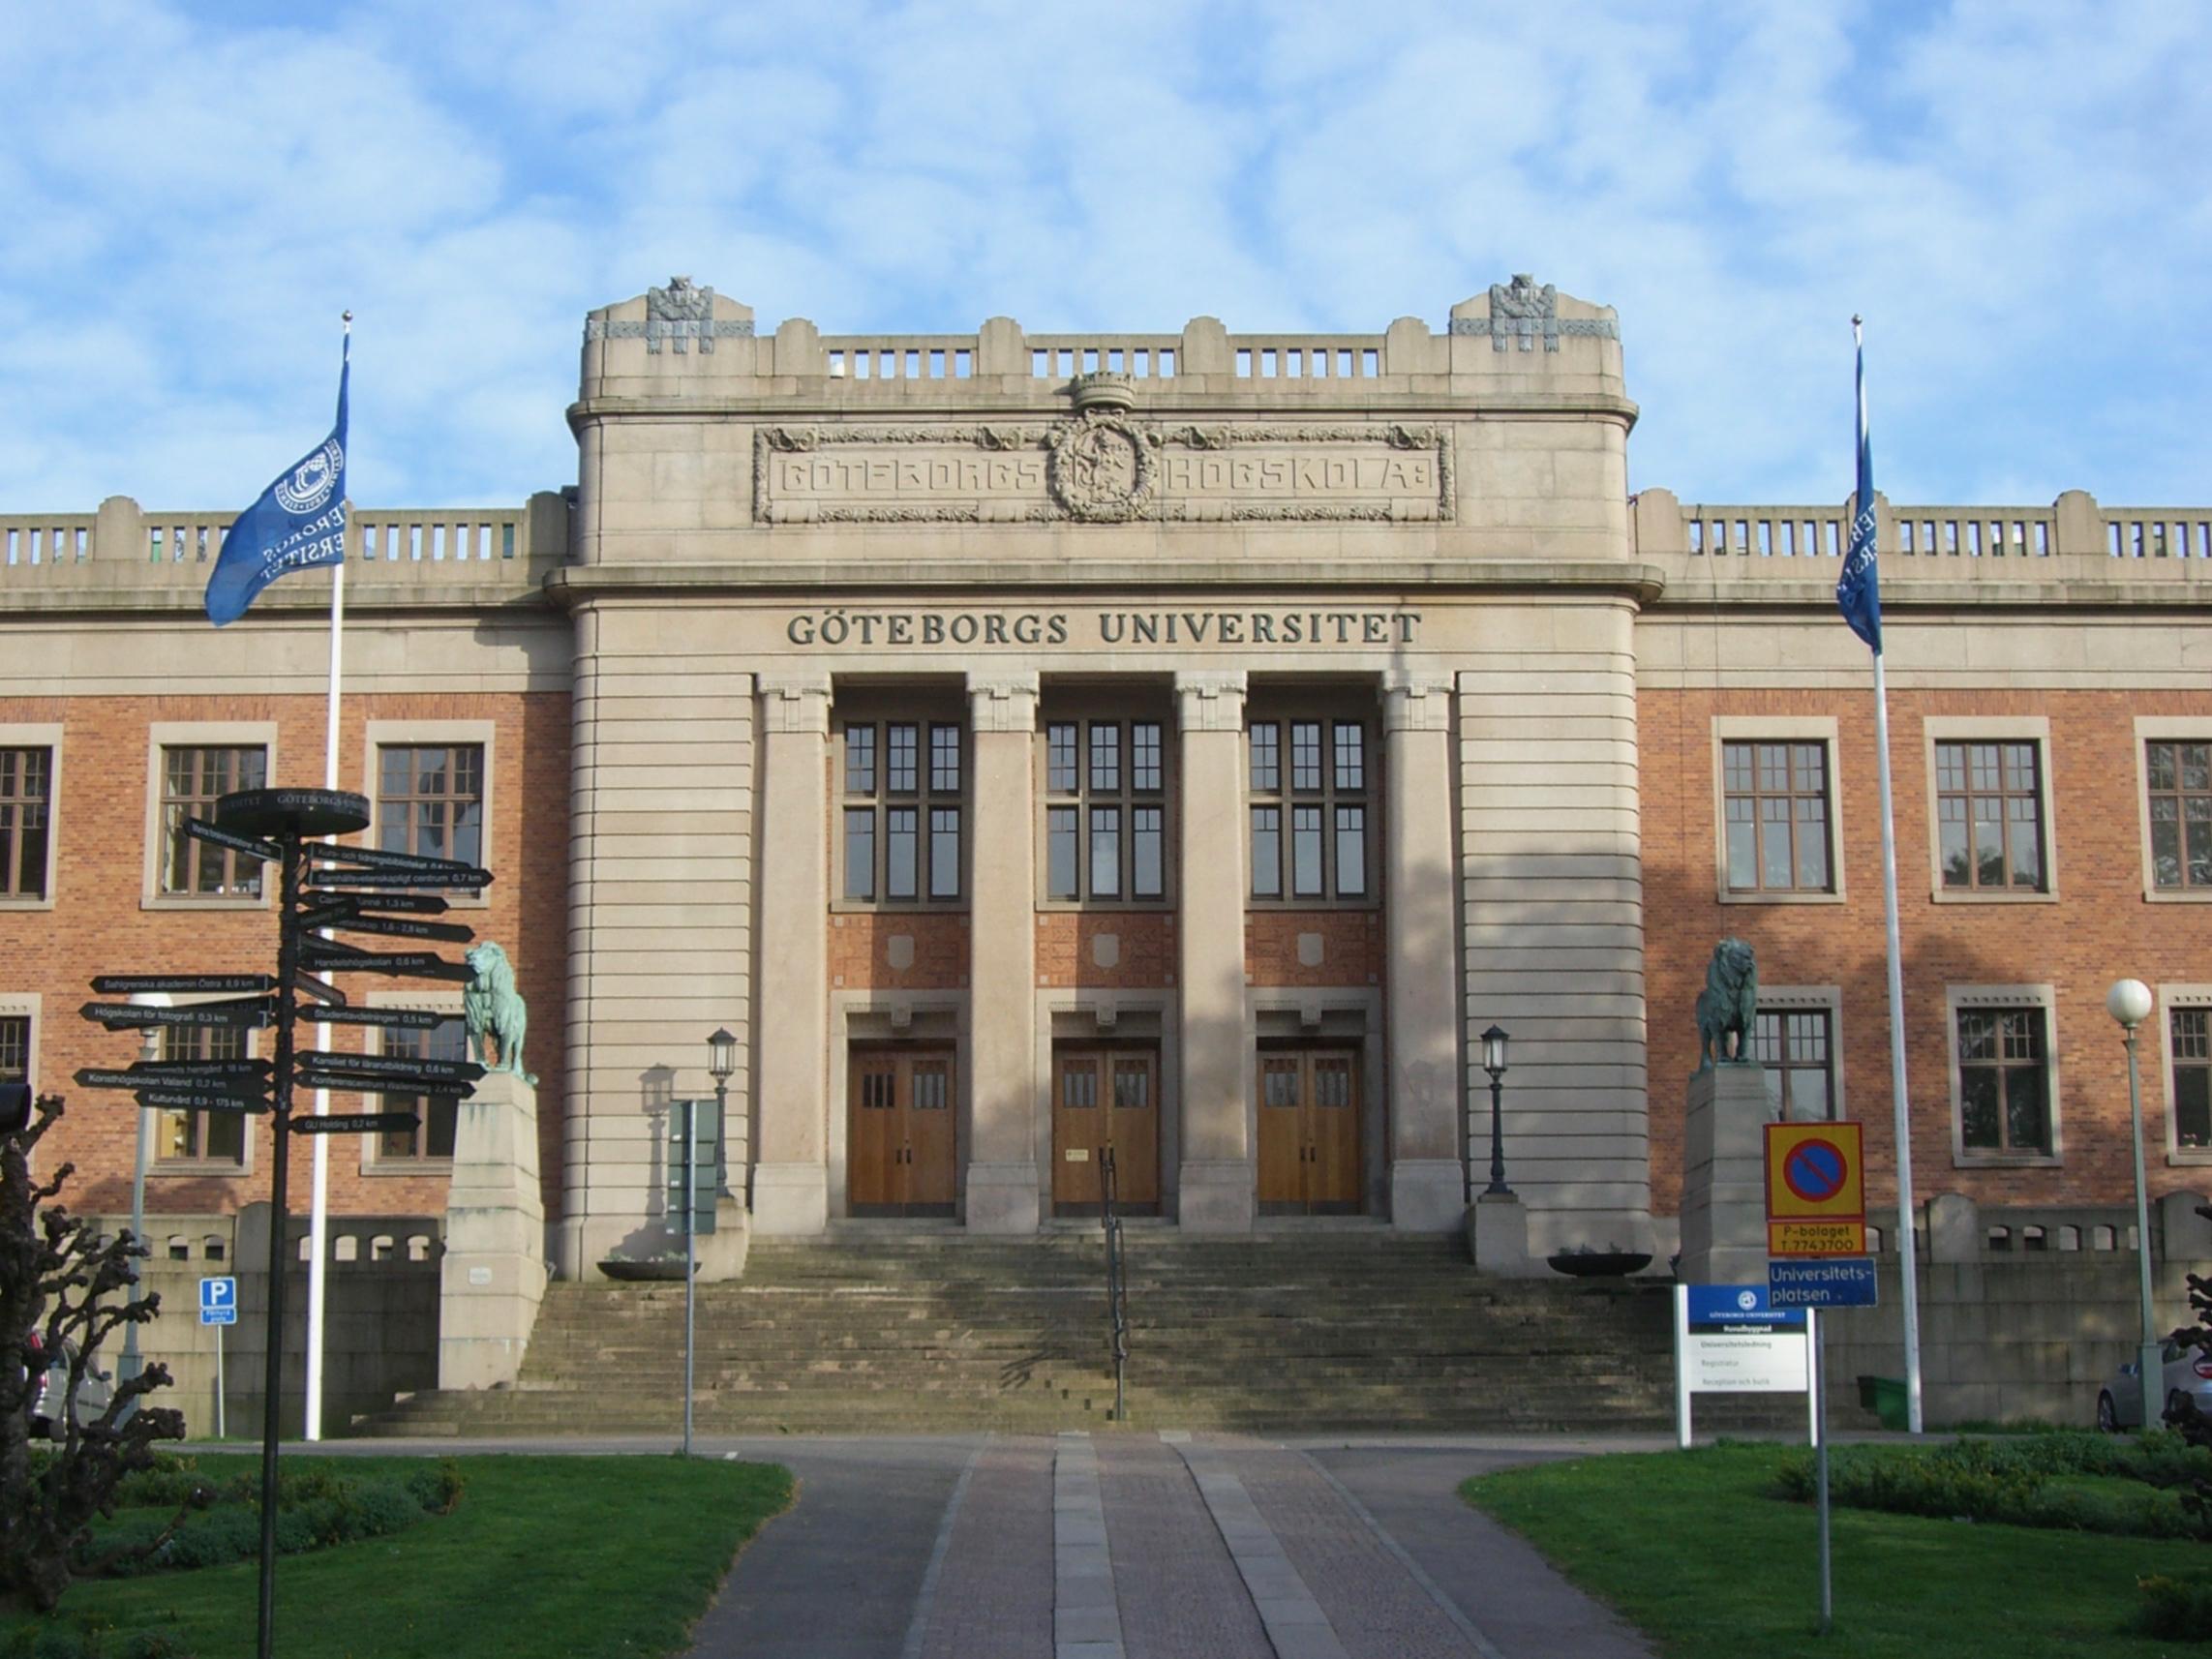 Göteborgs Universitet Wikipedia